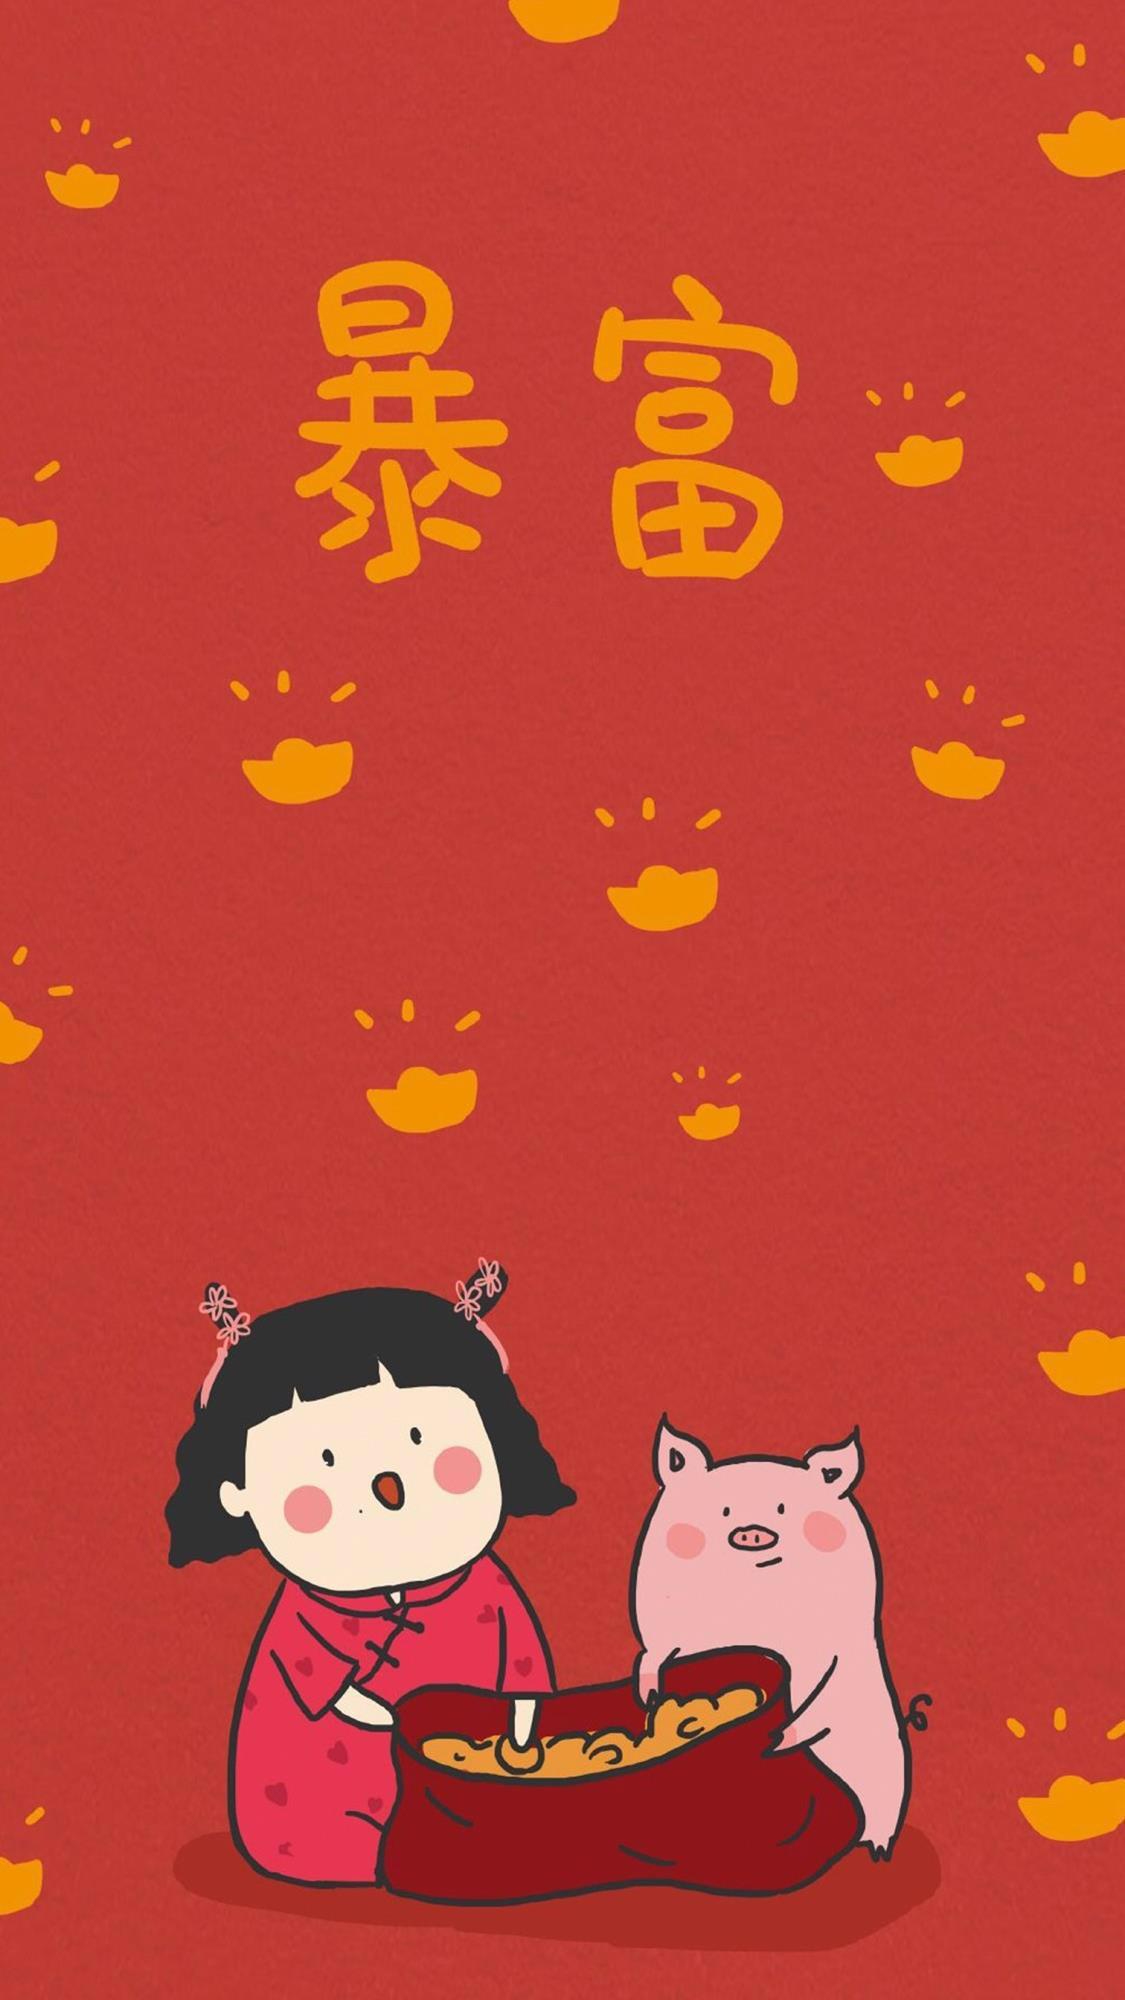 可爱新年壁纸 点赞2019清除霉运 图片作者 @陈不白